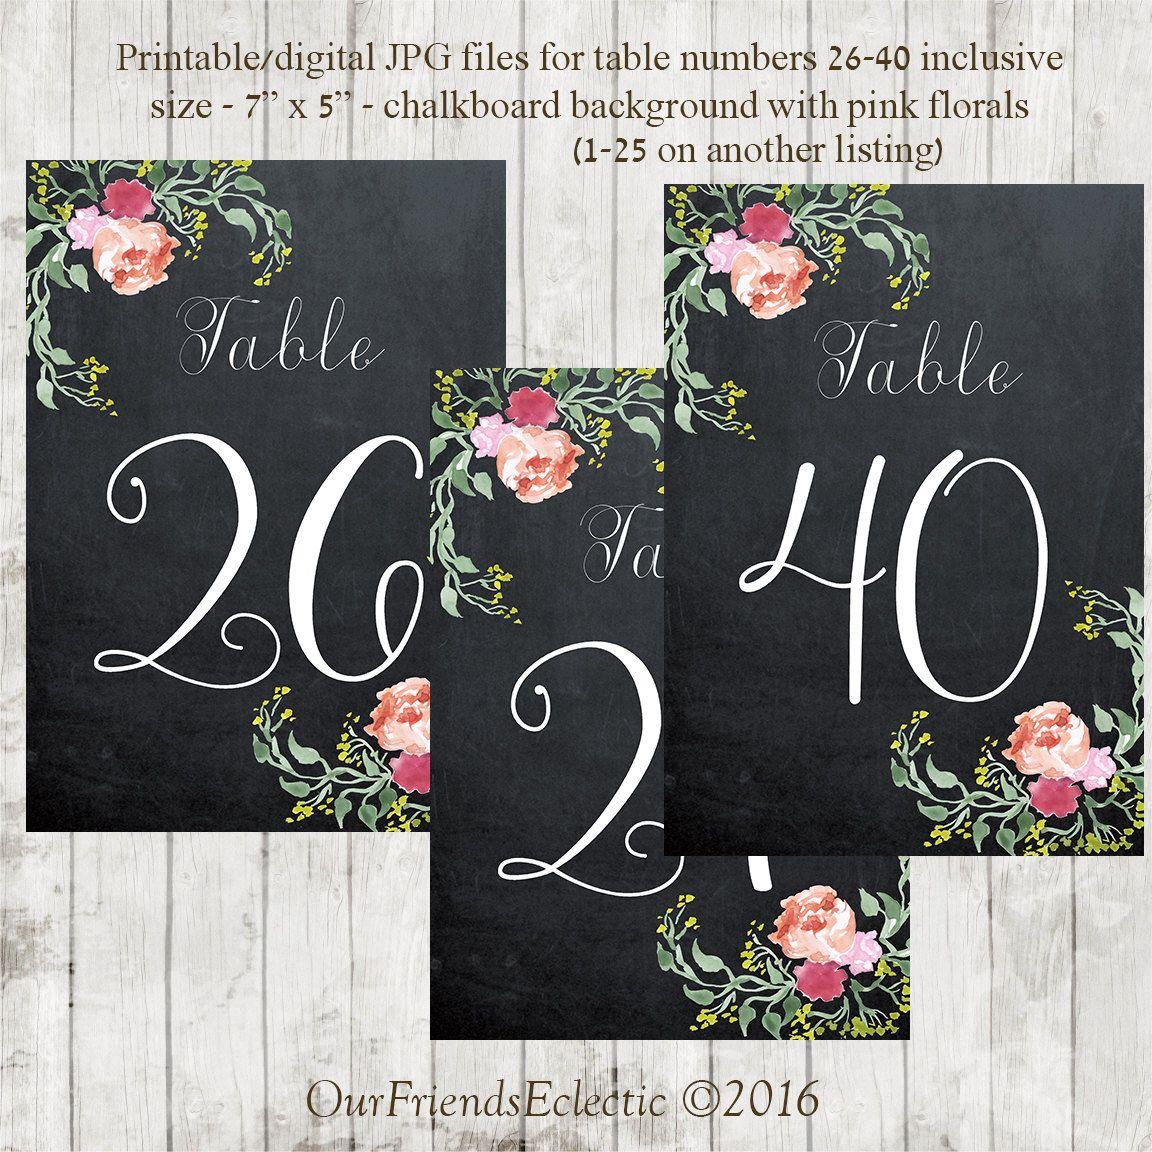 Printable Chalkboard Table Numbers Wedding 26 40 Fl Digital